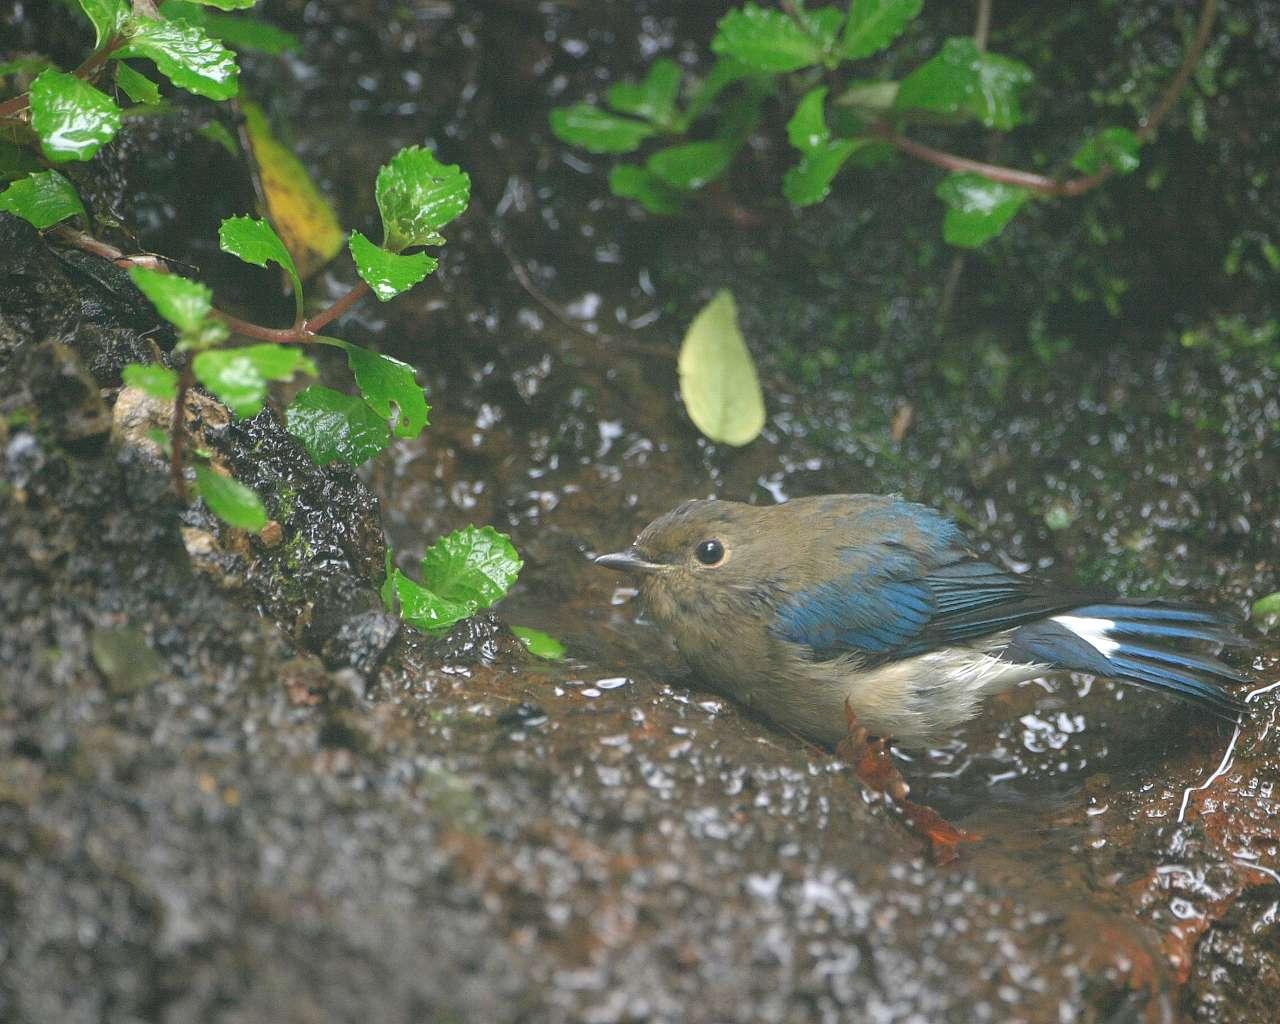 オオルリの若鳥(可愛い若鳥の野鳥の壁紙)_f0105570_21451212.jpg